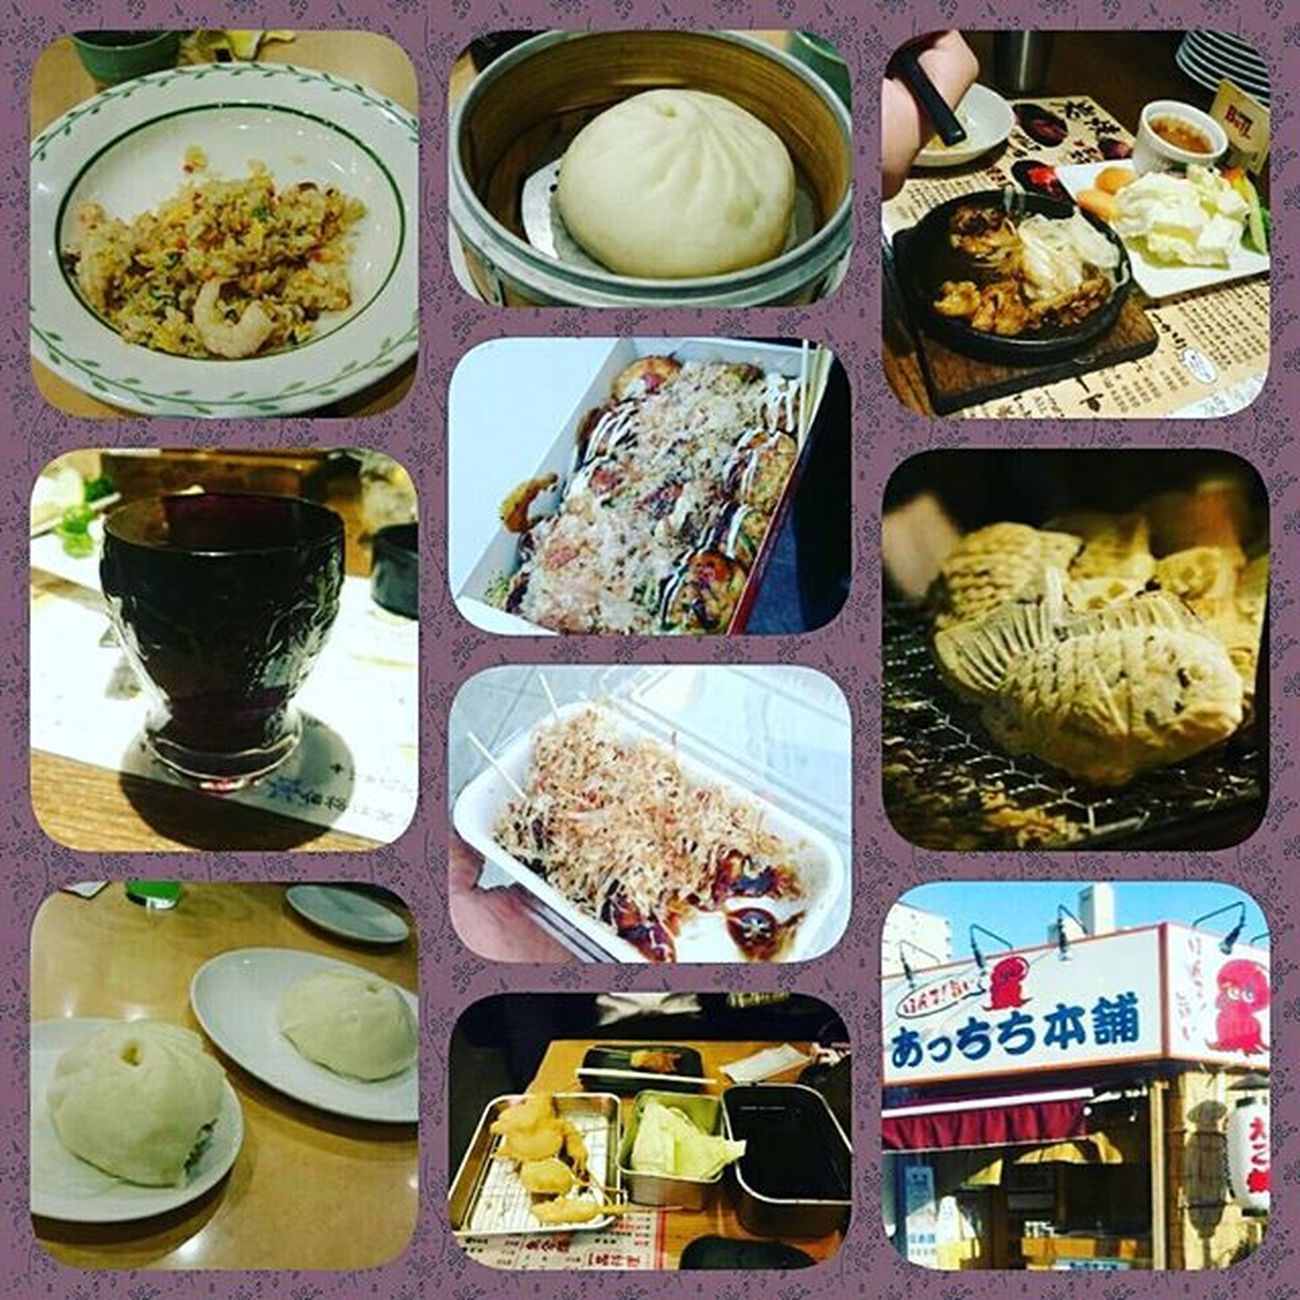 本日食べたものもの。笑 たい焼き タコ焼き 串カツ 大阪 なんば 新世界 西成 南森町 中崎町駅